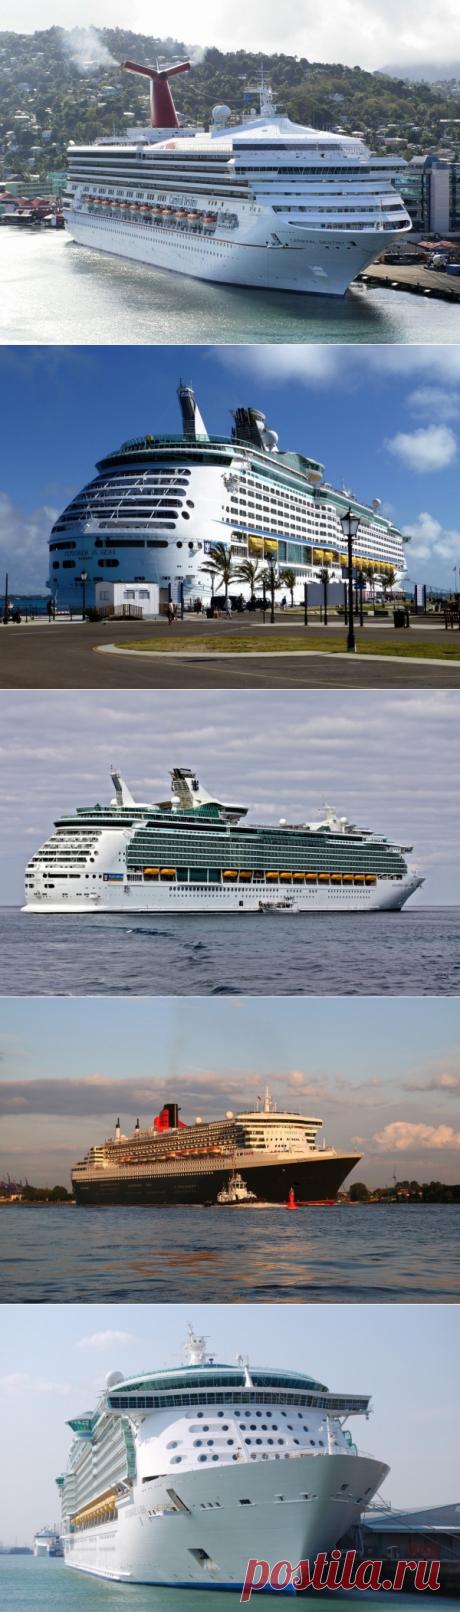 Los barcos mayores de pasajeros en el mundo